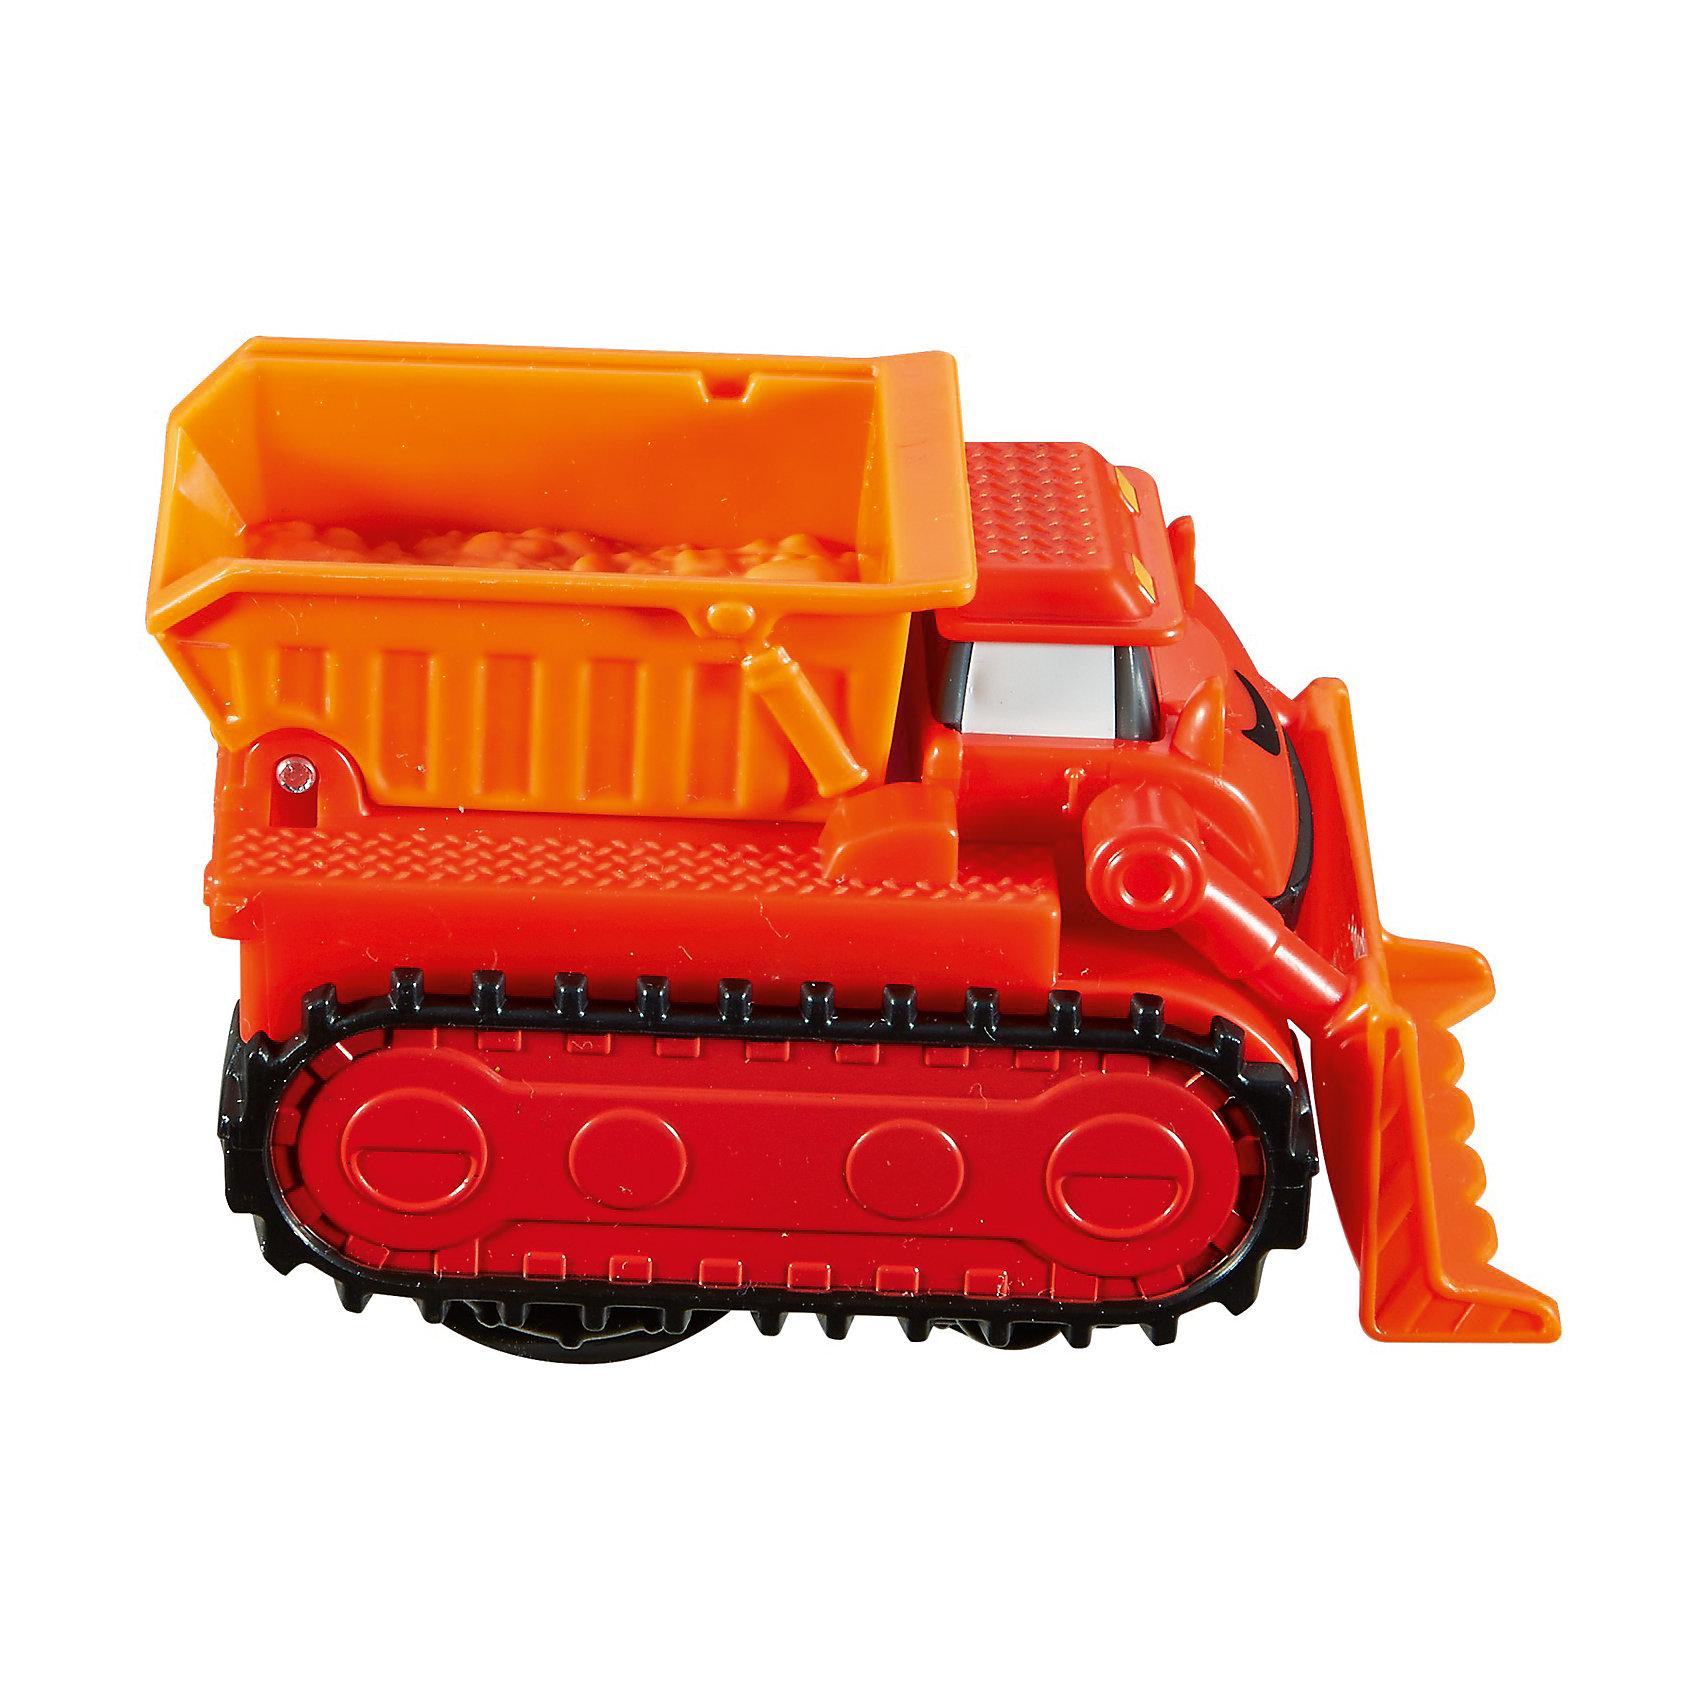 Инерционное транспортное средство Fisher-Price Боб-строительСельскохозяйственный транспорт<br>Характеристики товара:<br><br>• возраст: от 3 лет;<br>• цвет: оранжевый<br>• материал: пластик;<br>• упаковка: коробка;<br>• страна бренда: США<br><br>Грейдер «Боб-строитель» разнообразит игру малыша как дома, так и на прогулке. Потяни его назад, отпусти и смотри, как он умчится вперед! <br><br>Собери все самоходные грузовики Боба-строителя и создай крутой автопарк строительных машин.<br><br>Грейдер Fisher-Price Боб-строитель можно купить в нашем интернет-магазине.<br><br>Ширина мм: 60<br>Глубина мм: 60<br>Высота мм: 90<br>Вес г: 90<br>Возраст от месяцев: 36<br>Возраст до месяцев: 2147483647<br>Пол: Унисекс<br>Возраст: Детский<br>SKU: 7014778